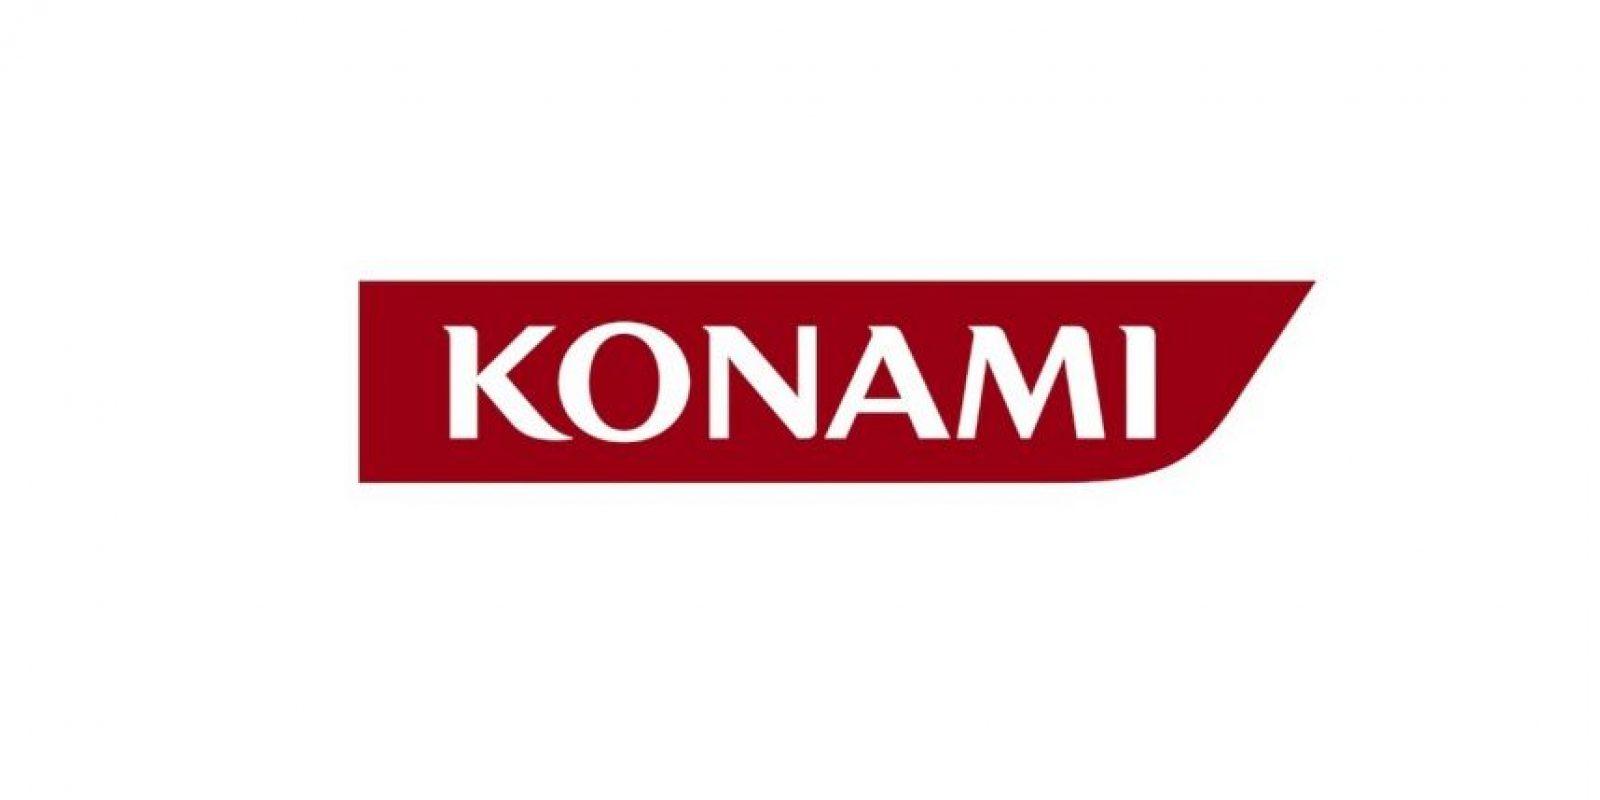 Konami ha sido acusada de malos tratos hacia sus empleados. Foto:Konami